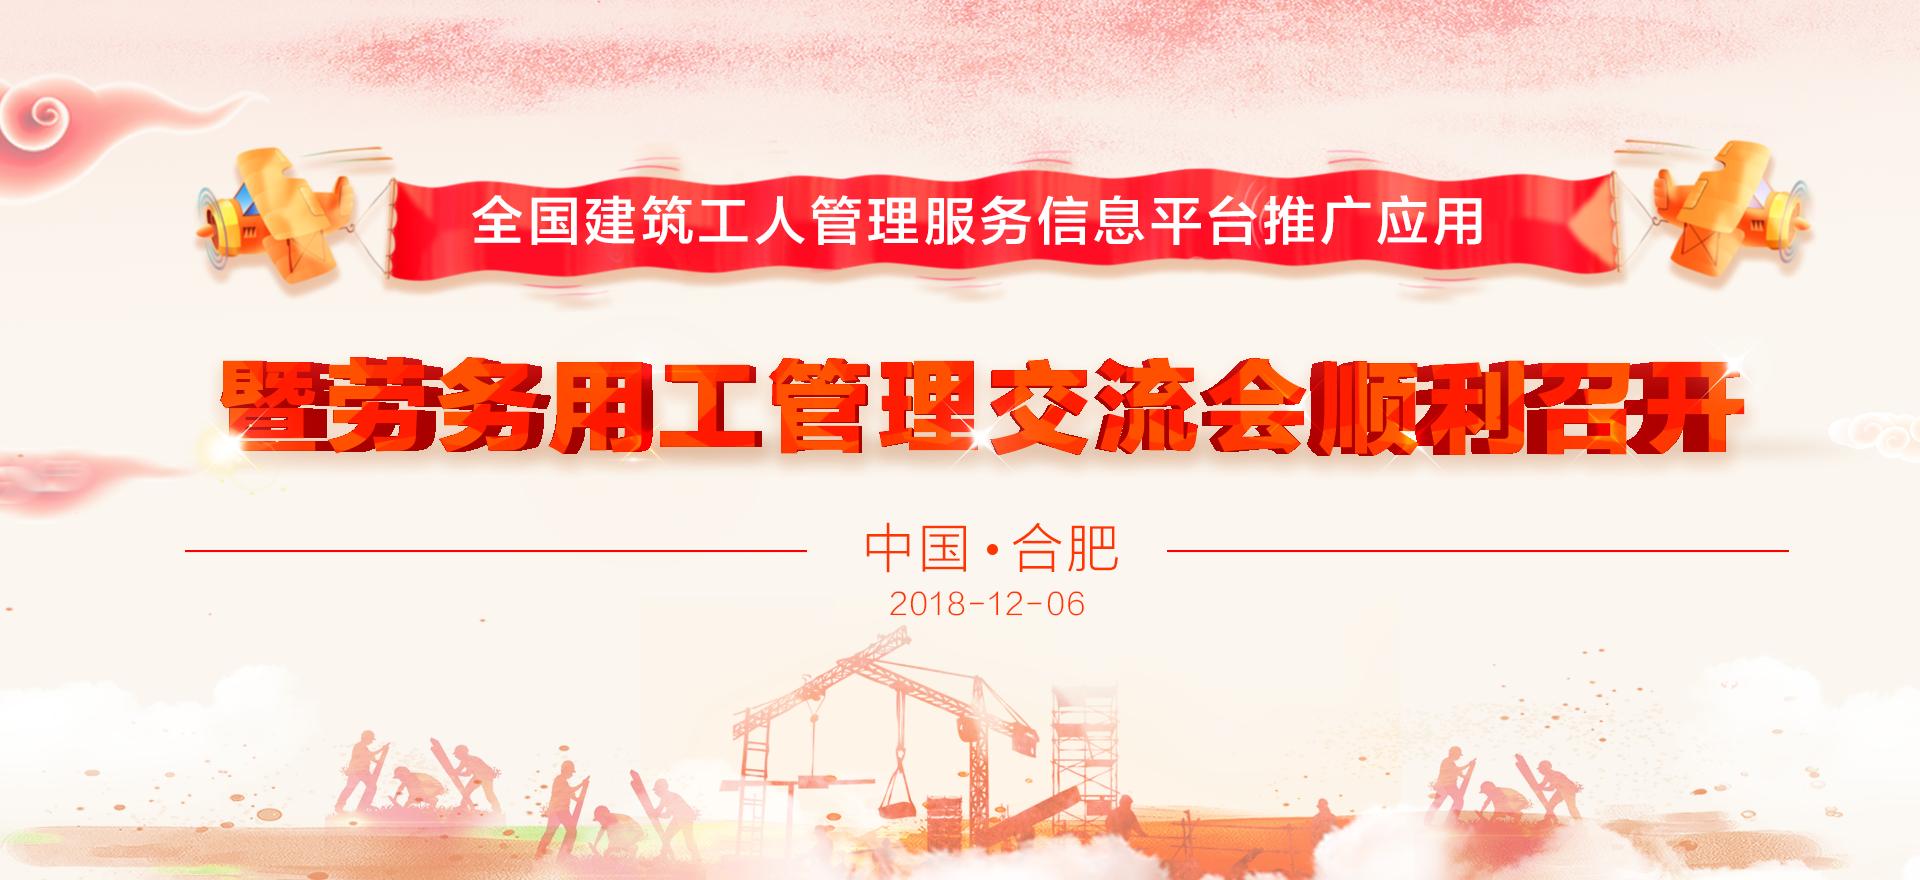 全国建筑工人管理服务信息平台推广应用暨劳务用工管理交流会顺利召开